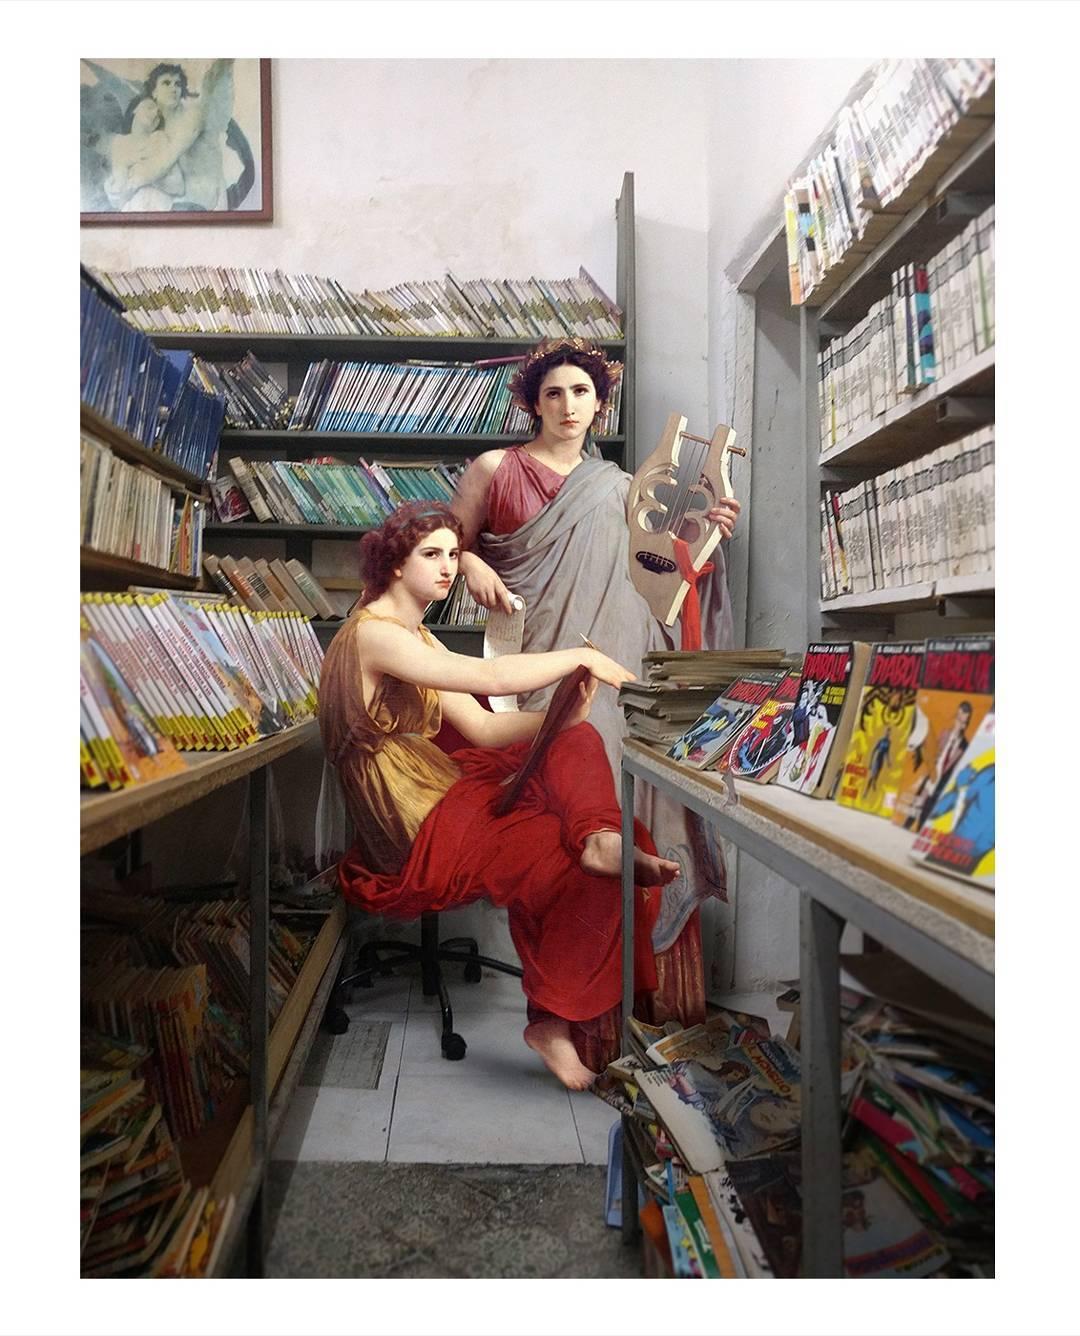 chicas renacentistas en tienda de cómics